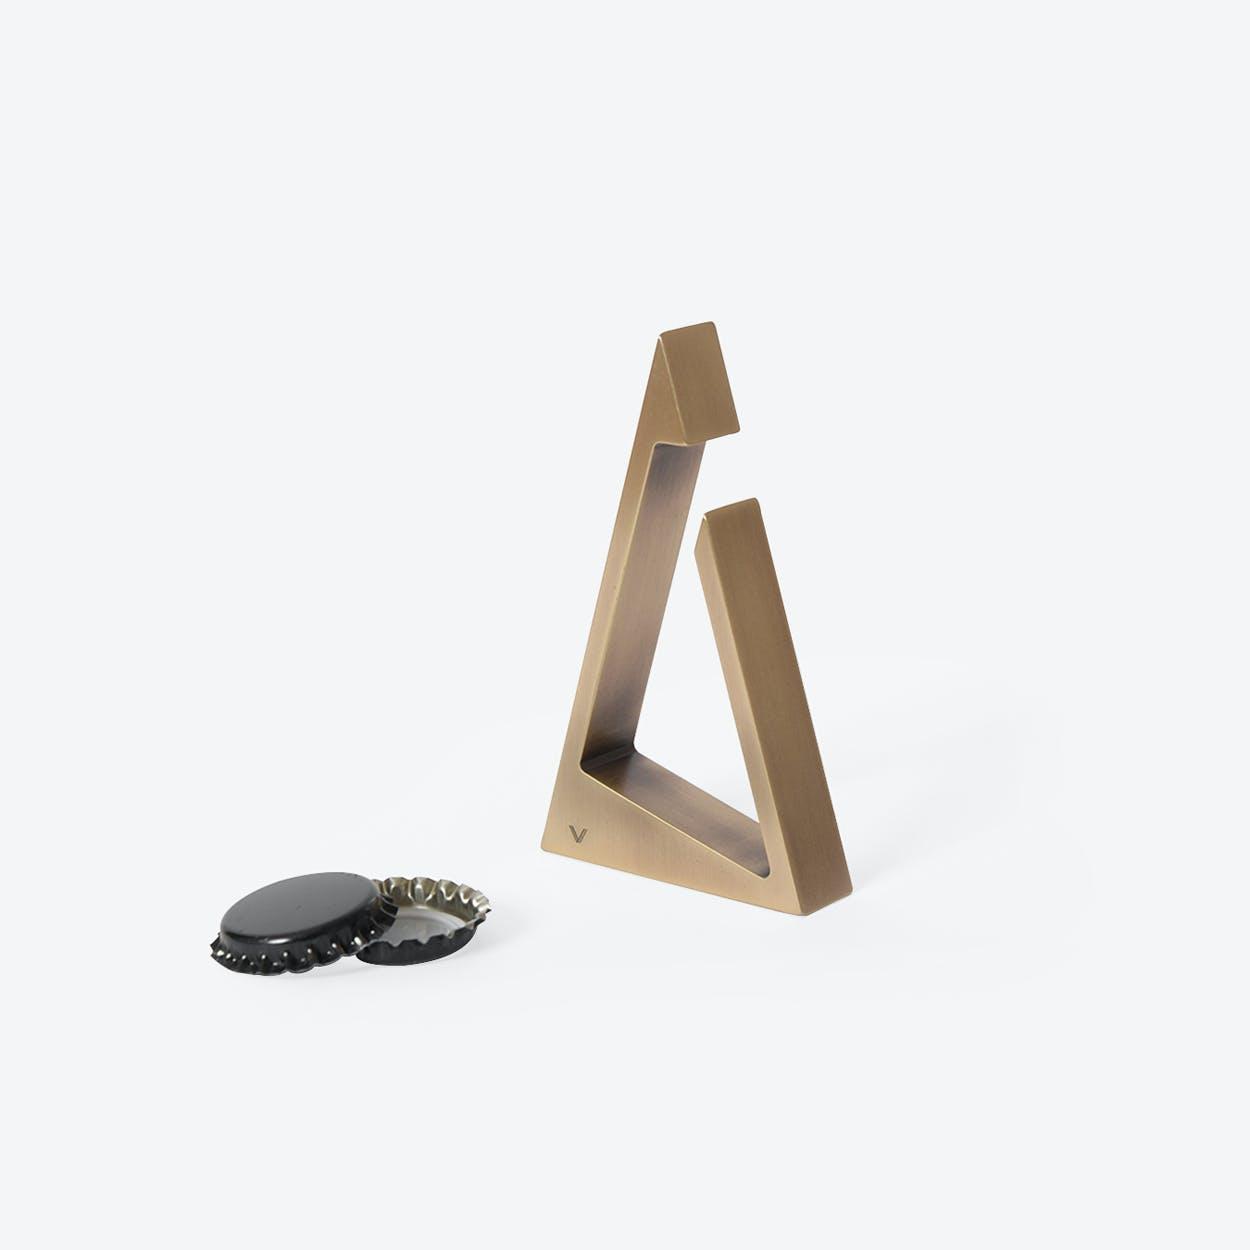 Triangle Bottle Opener in Aged Brass